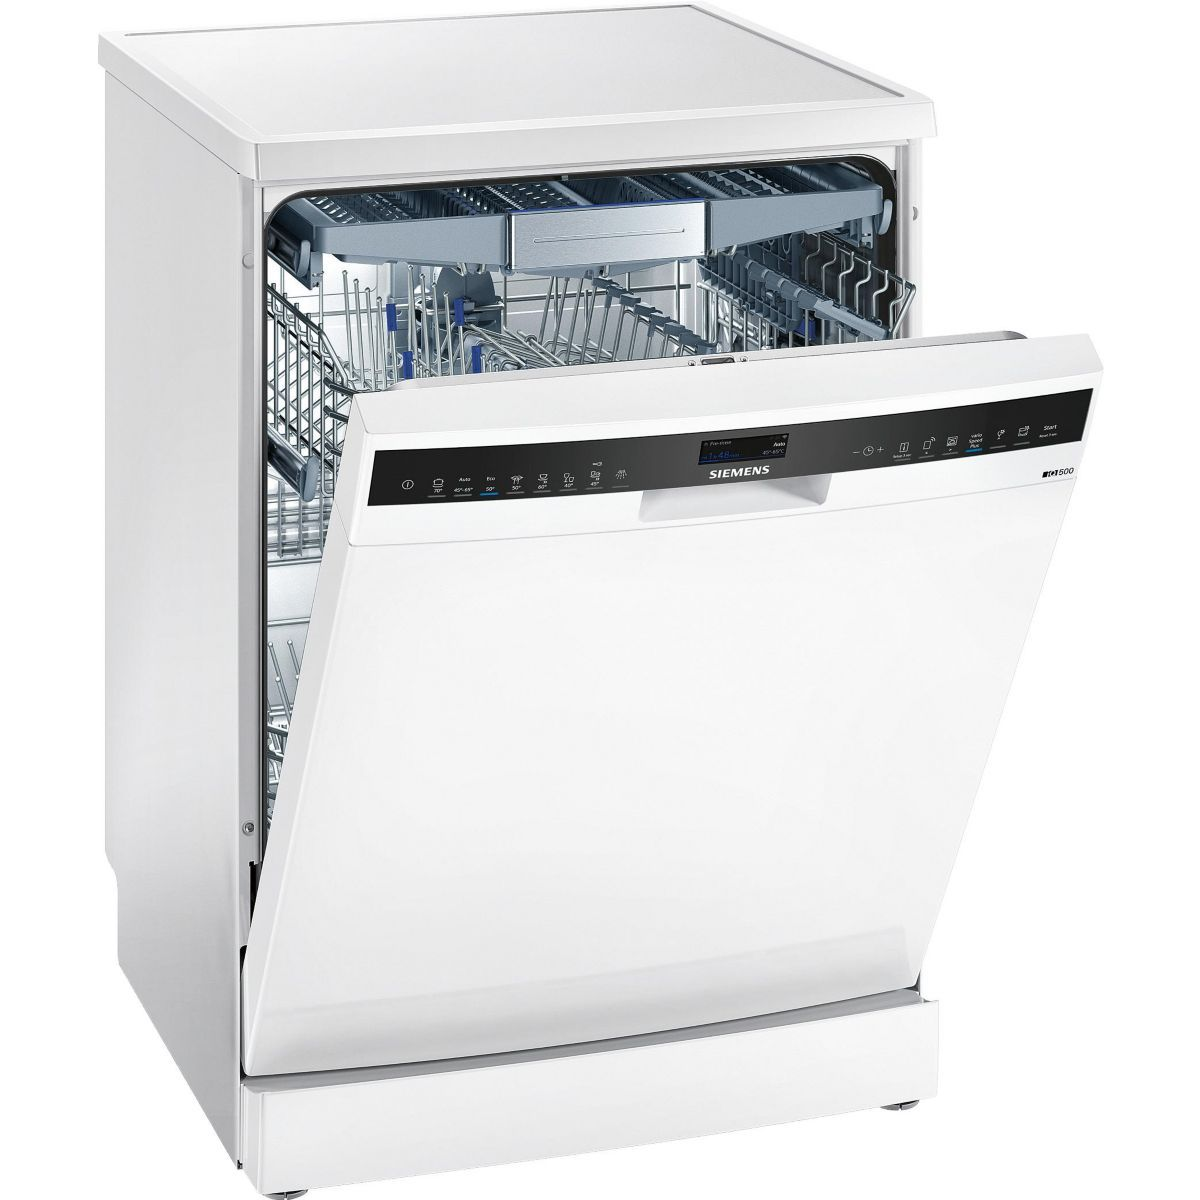 Lave Vaisselle 60 Cm Sn258w06te Home Connect Lave Vaisselle Lave Vaisselle Pose Libre Et Lave Vaisselle Siemens